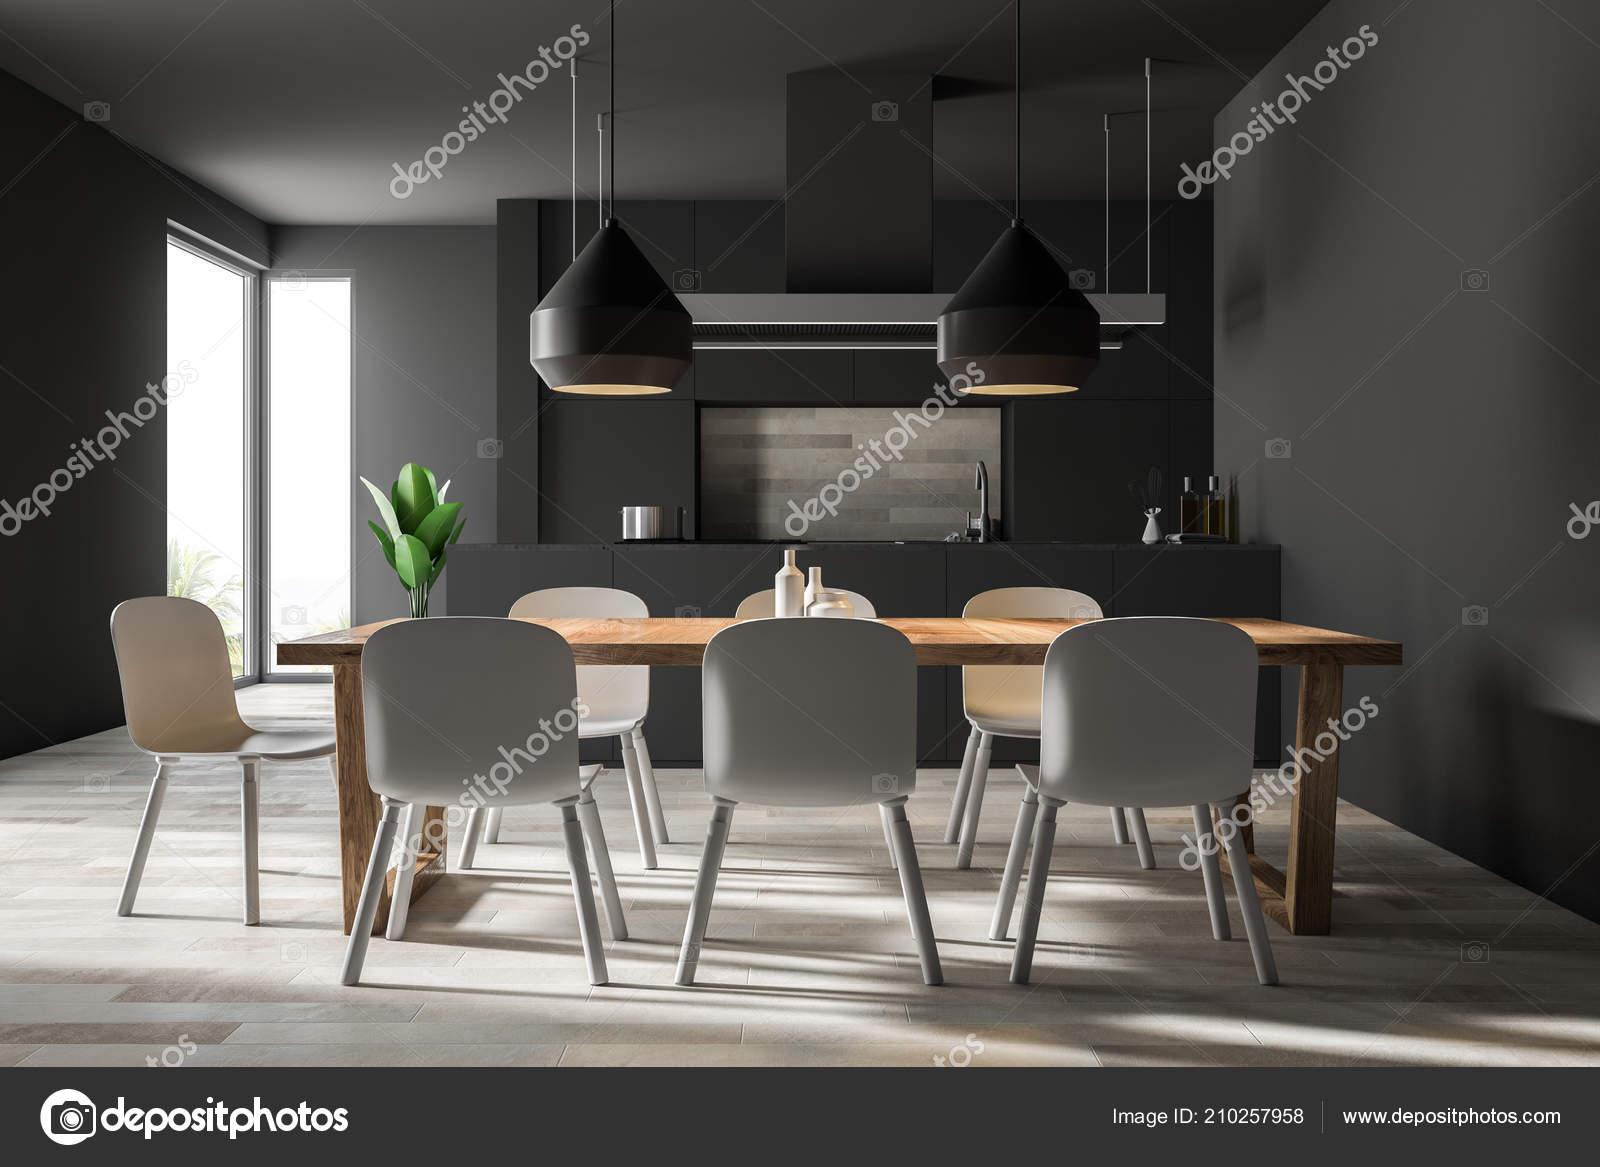 Parete Grigia Cucina Sala Pranzo Interna Con Pavimento Legno ...